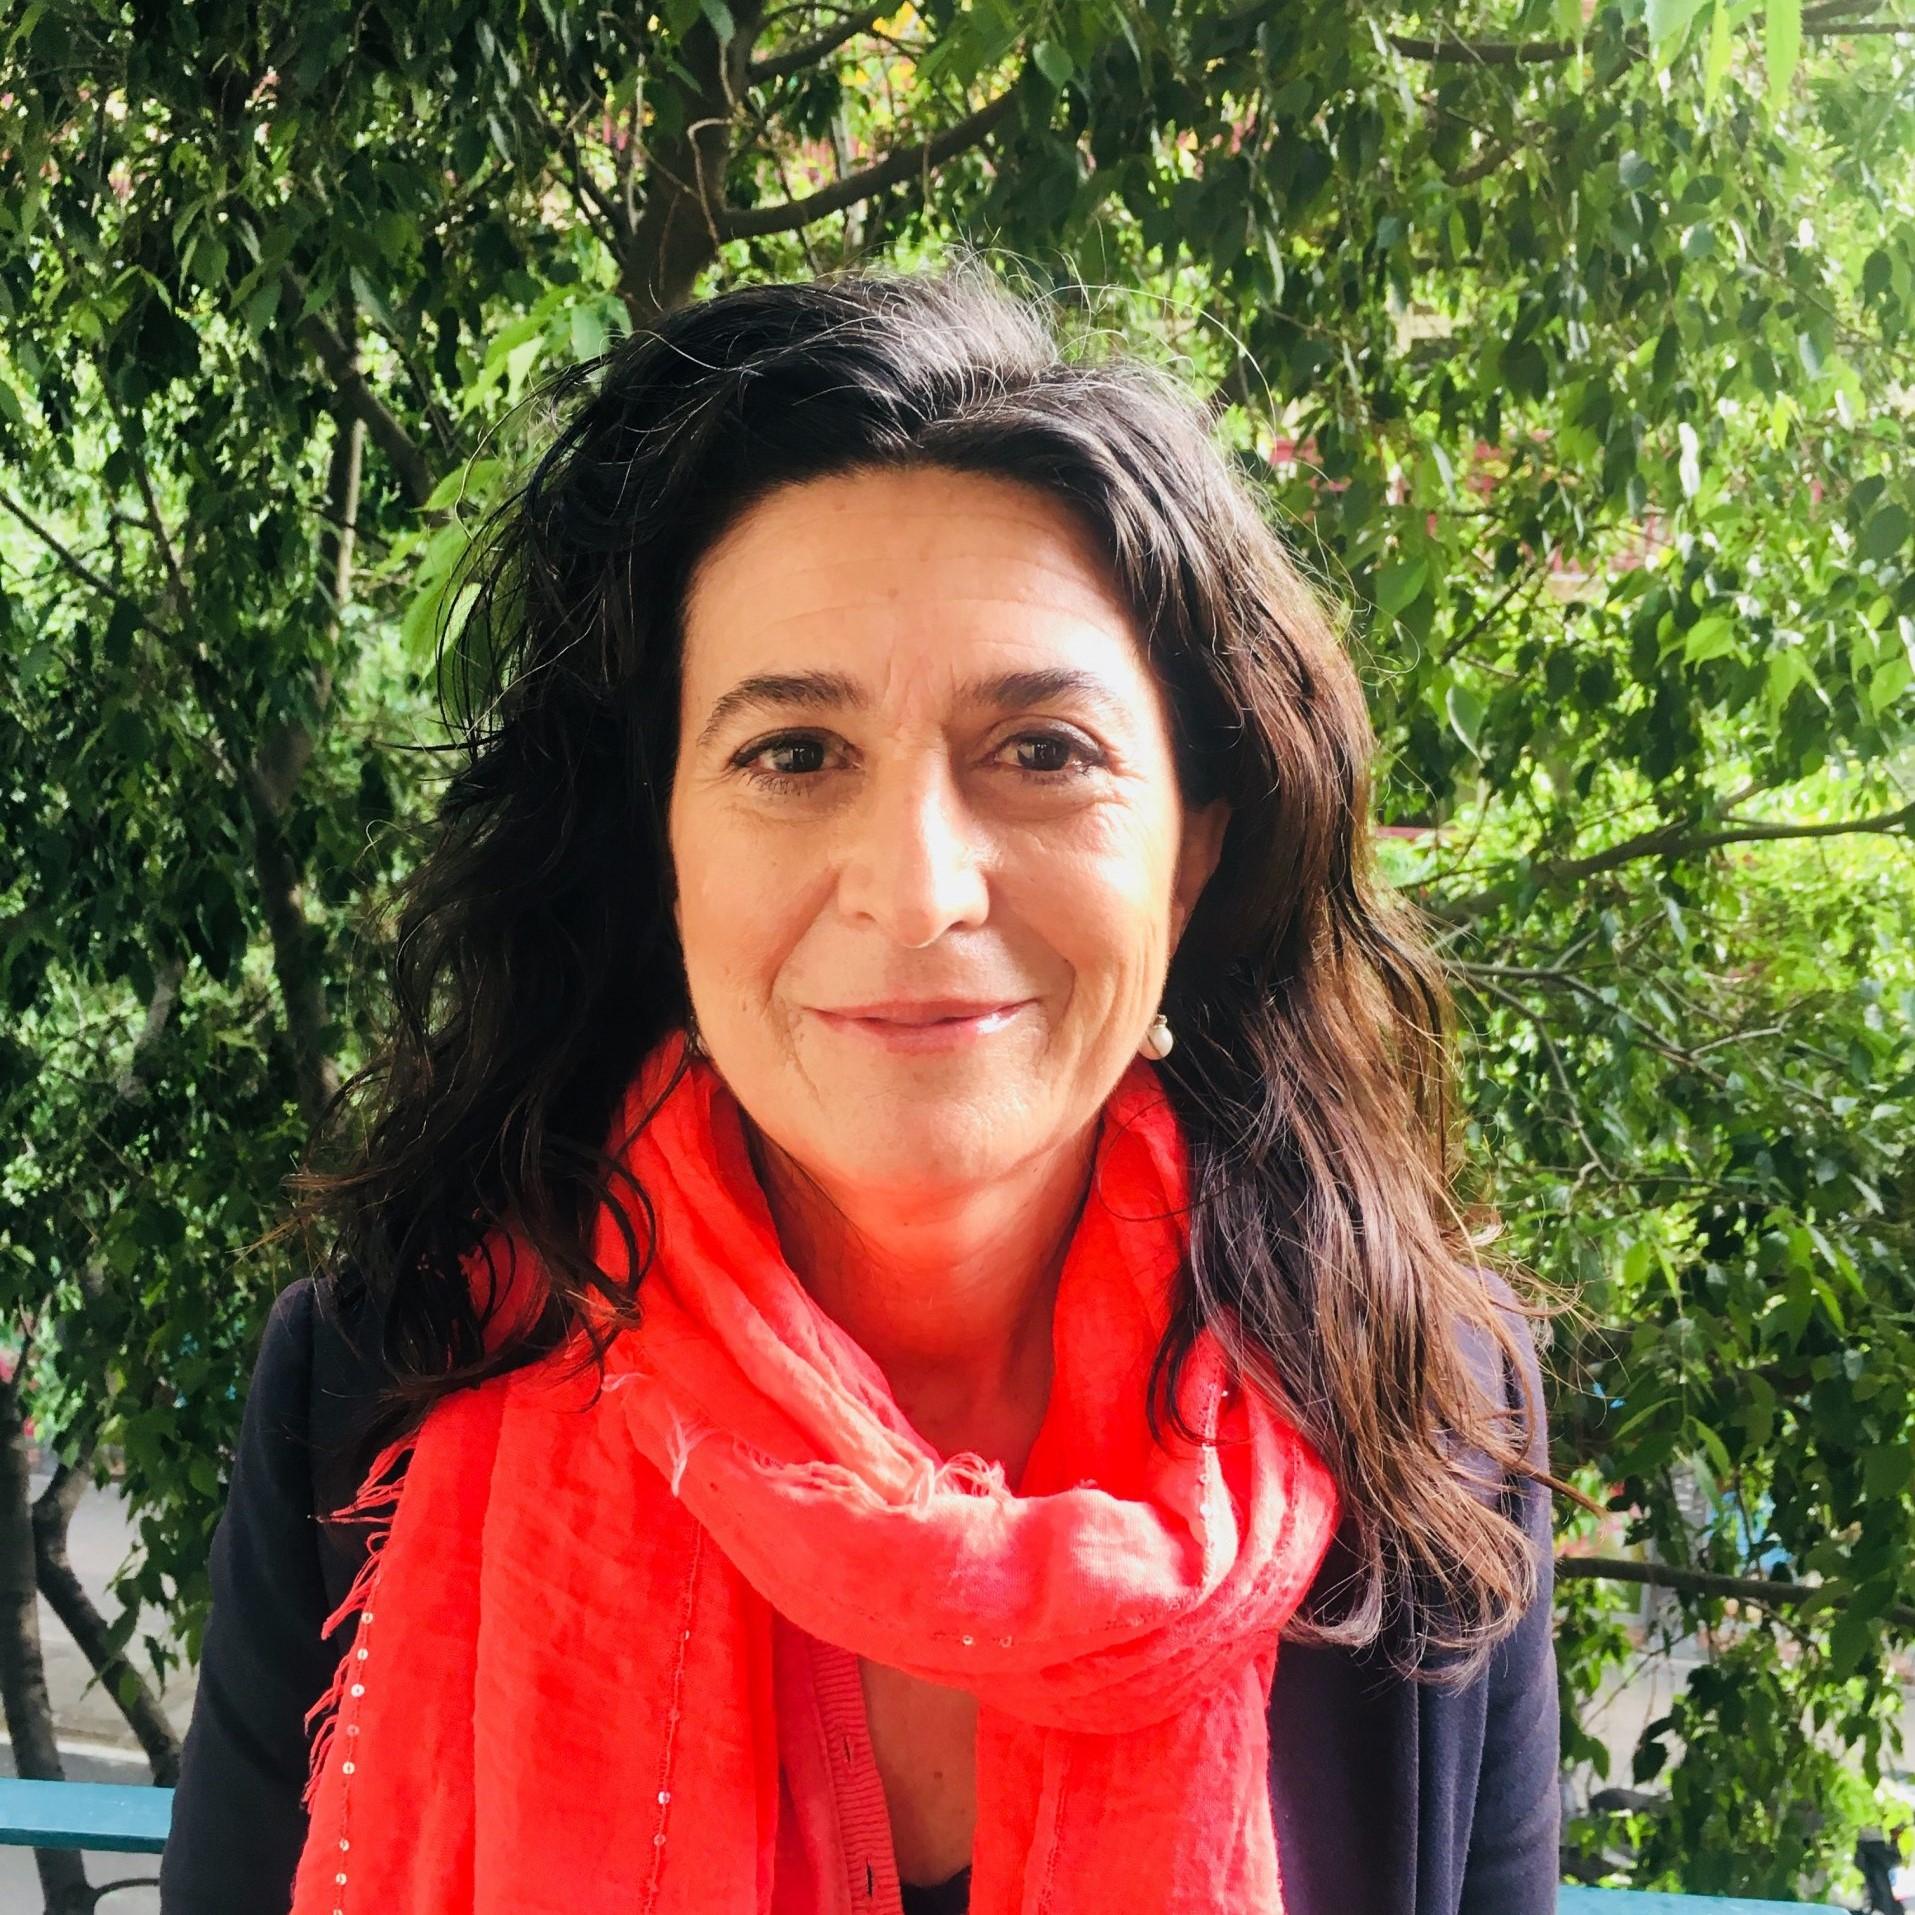 Maite Ardévol